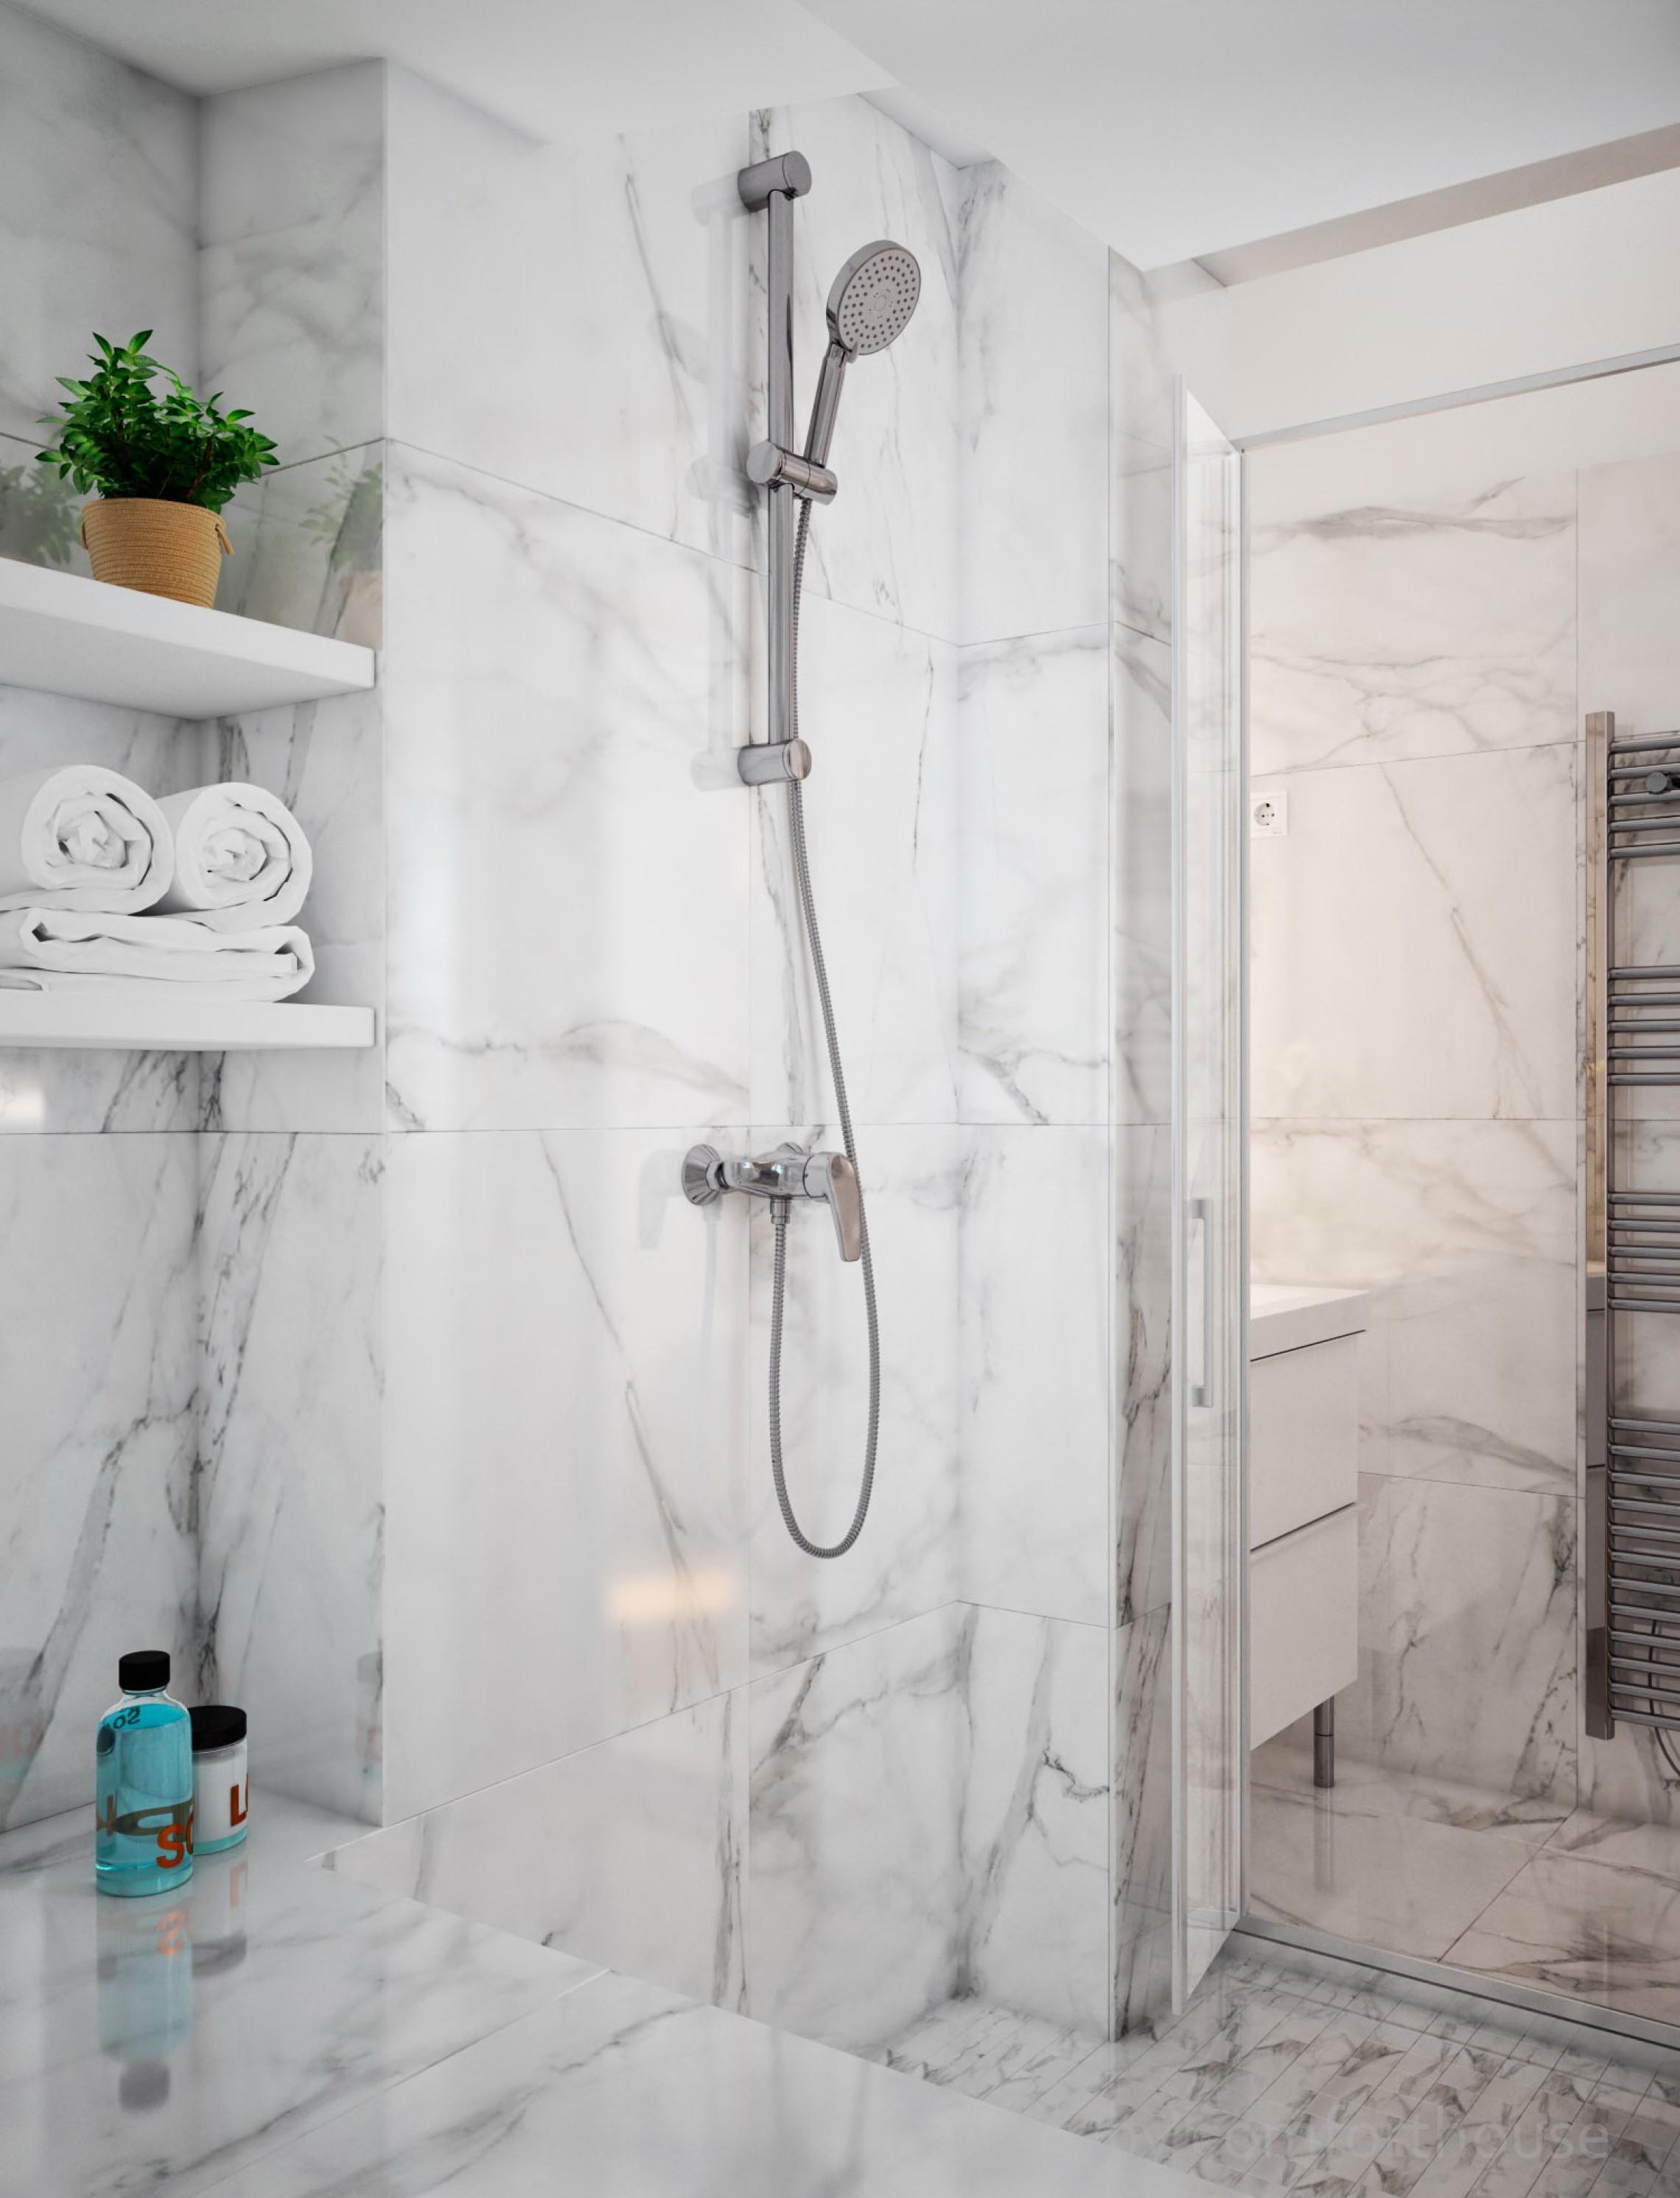 Paris interior bathroom